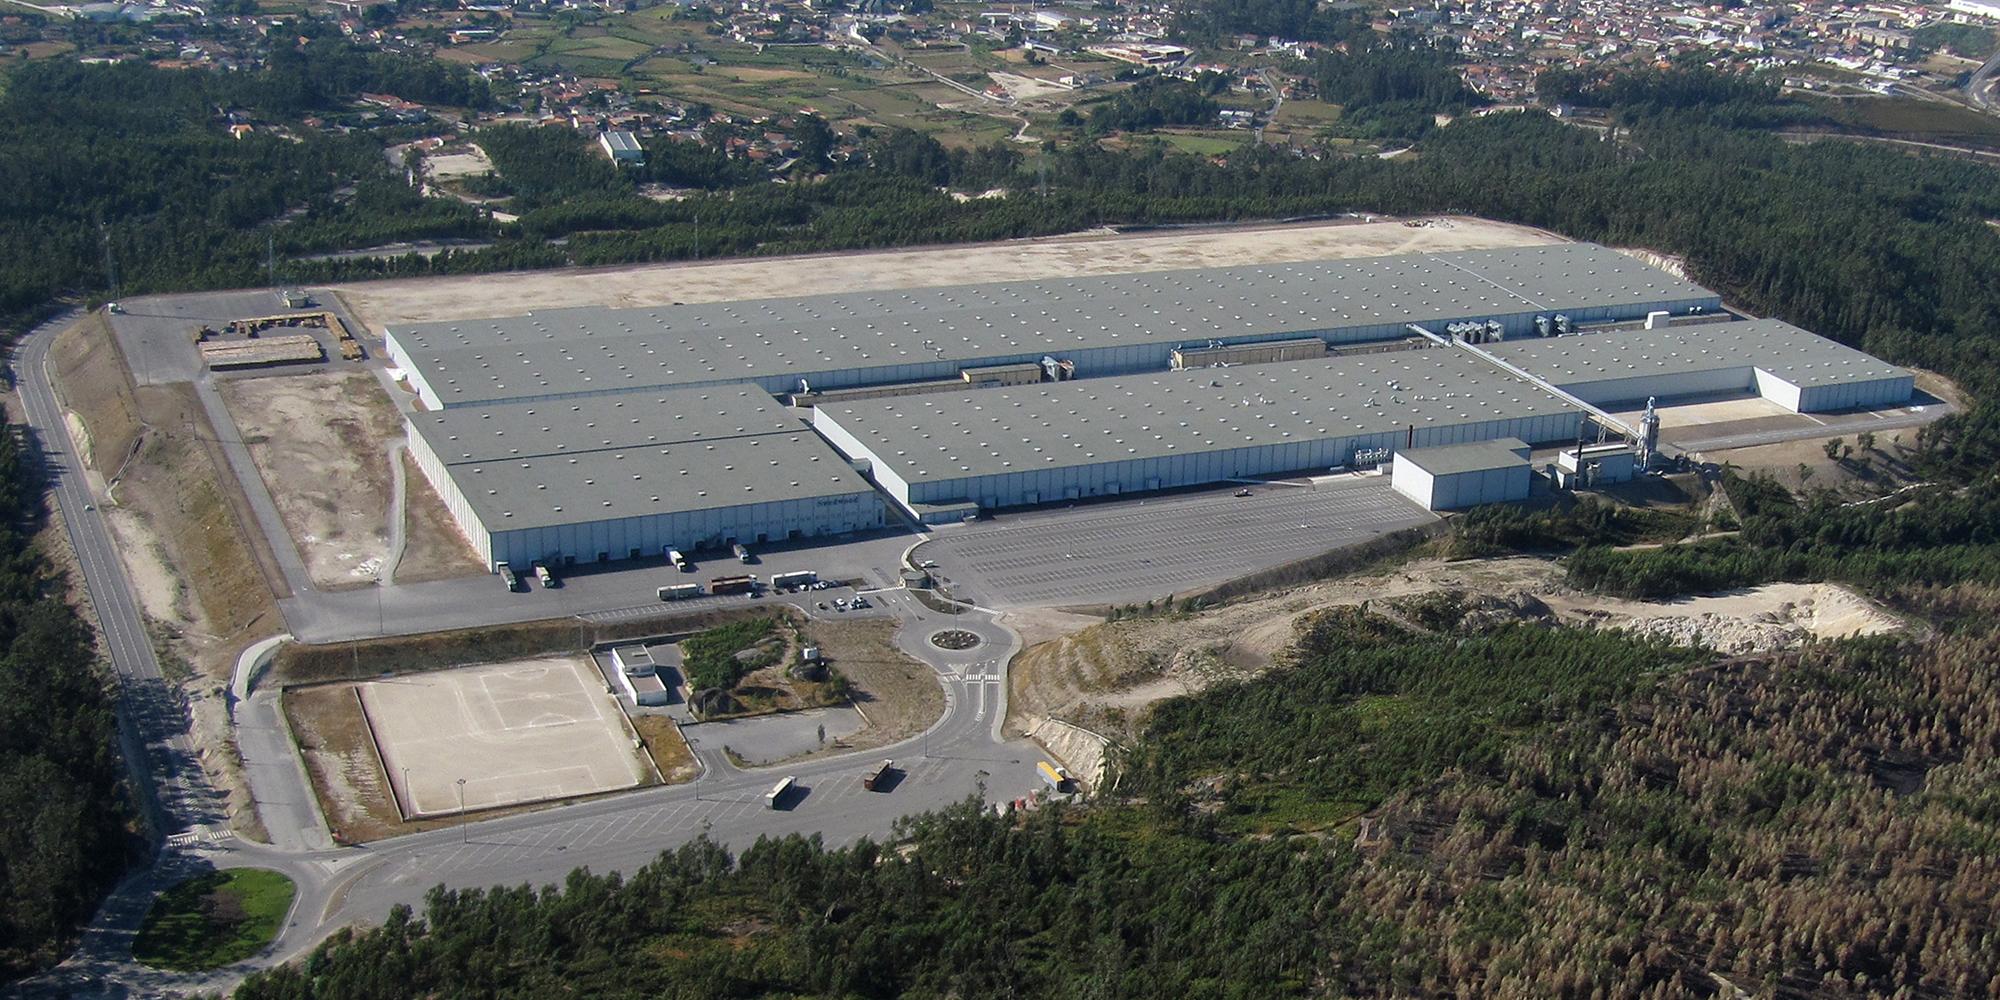 Enermundo ikea industry - Fabricas de muebles en pacos de ferreira portugal ...